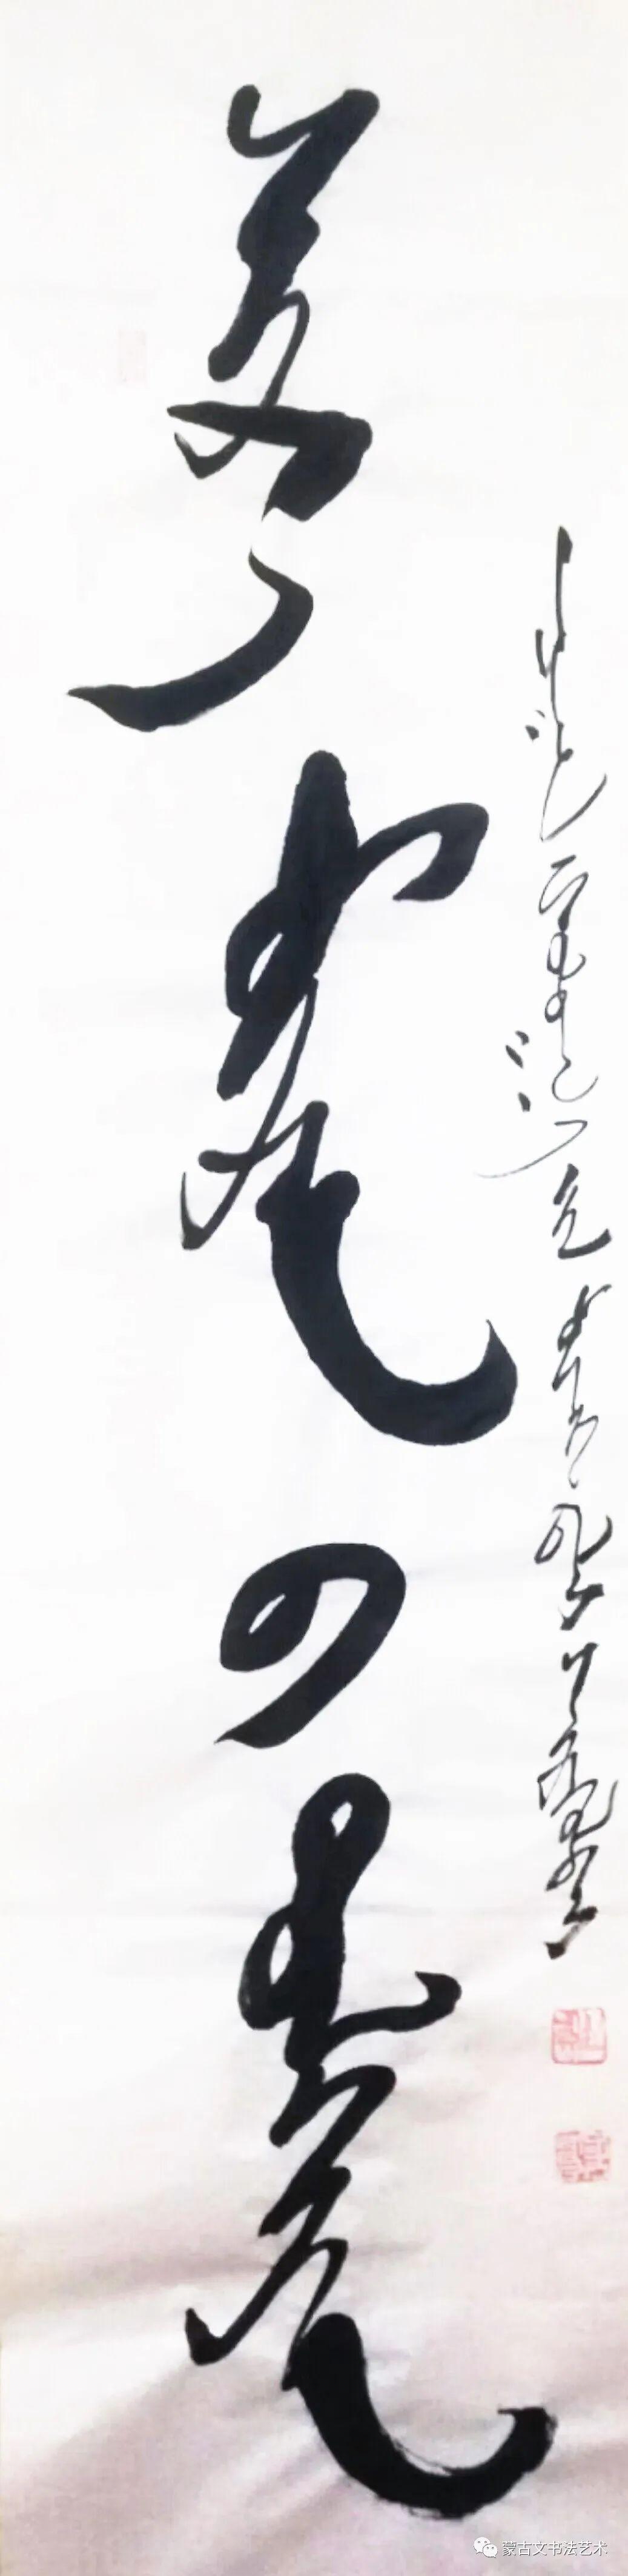 孟和达来蒙古文书法 第4张